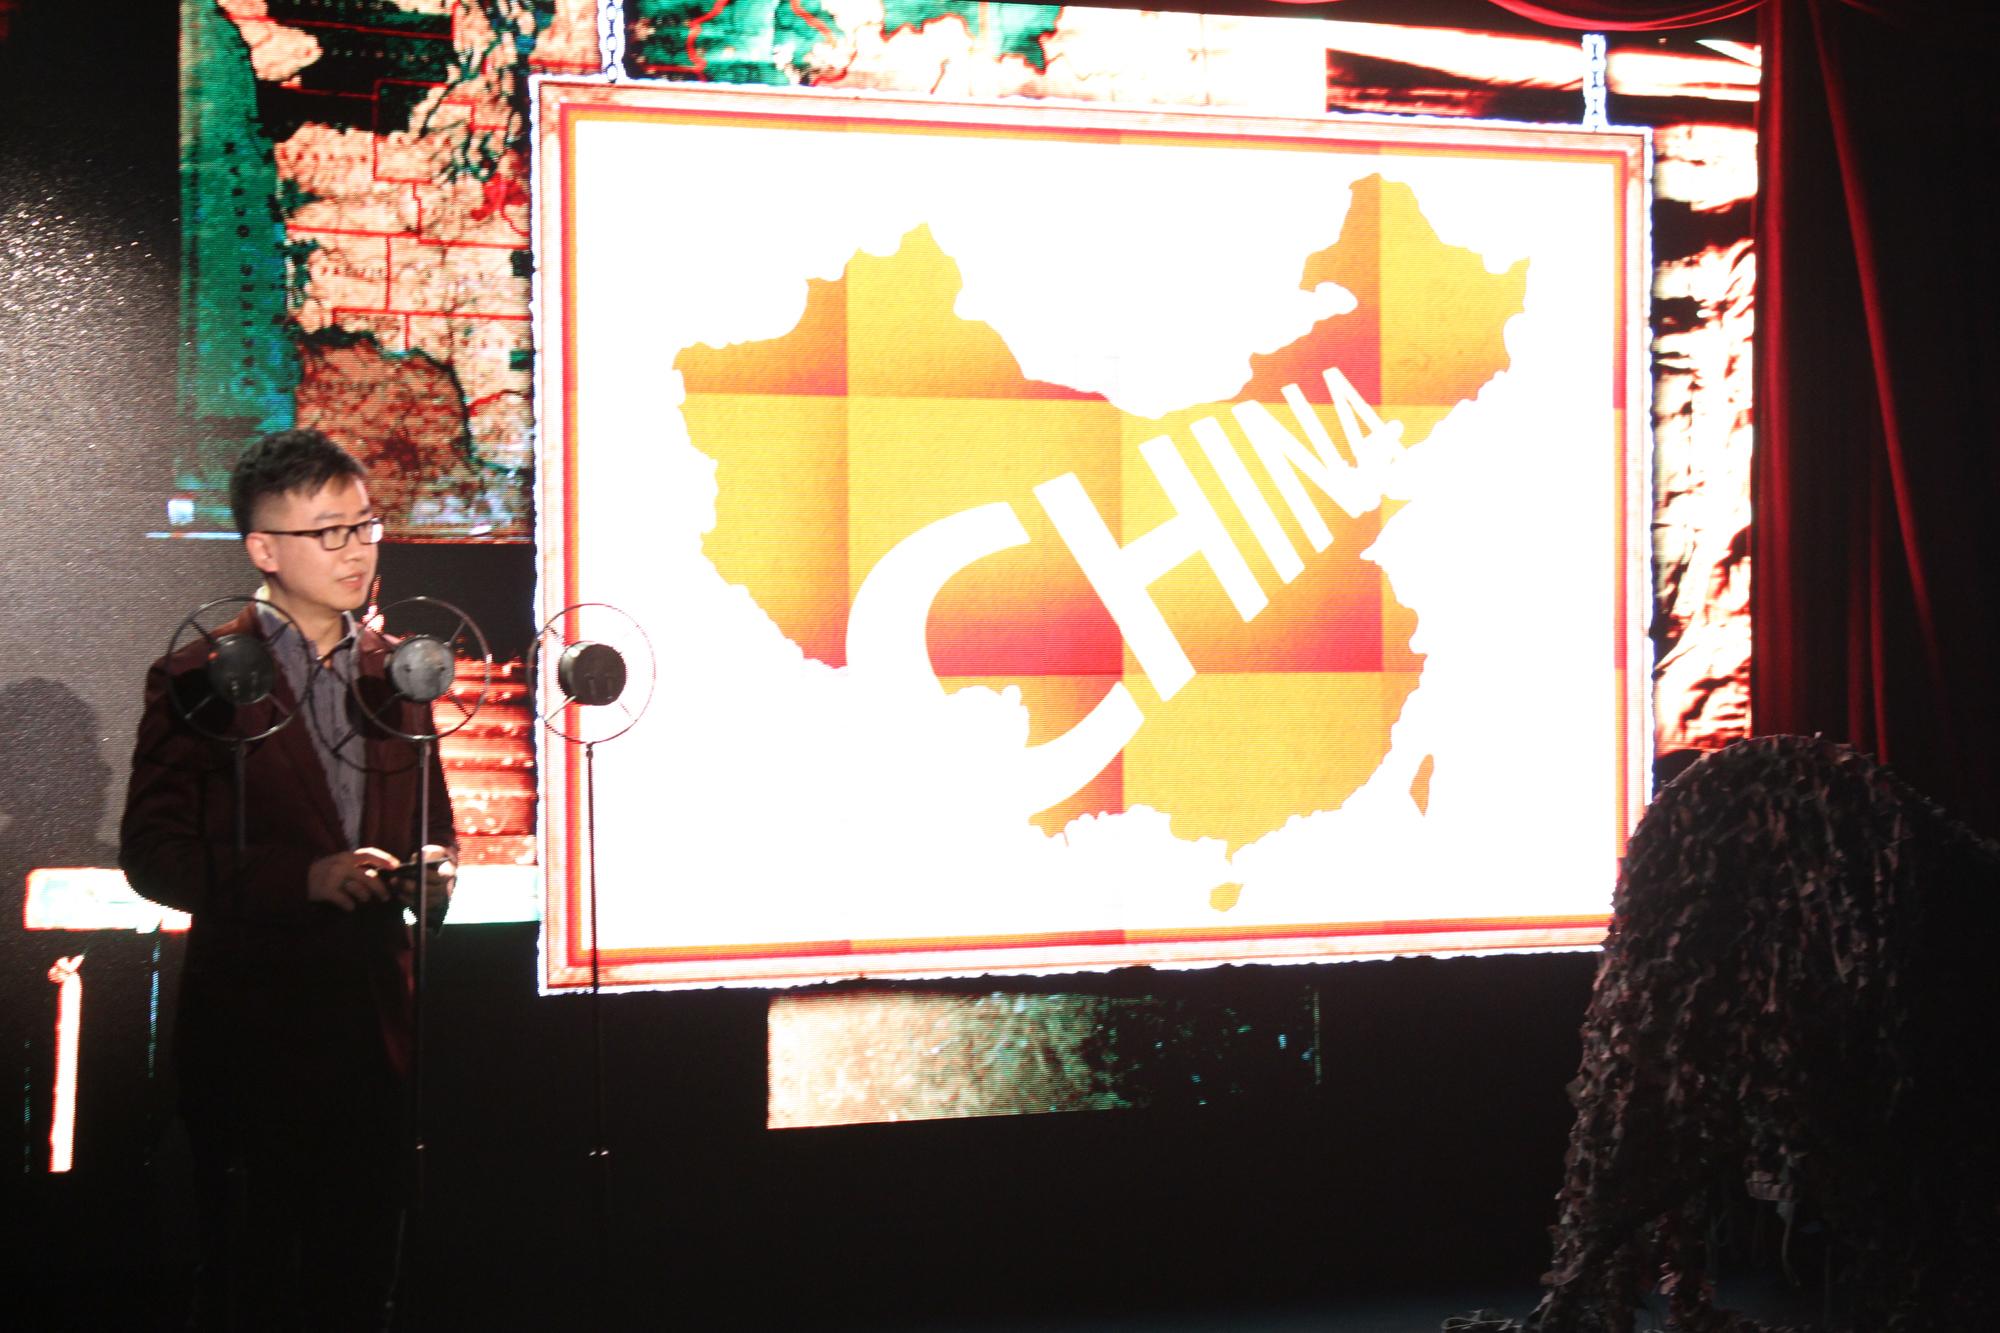 mini代表-mini中国品牌管理副总裁朱江先生致欢迎词高清图片